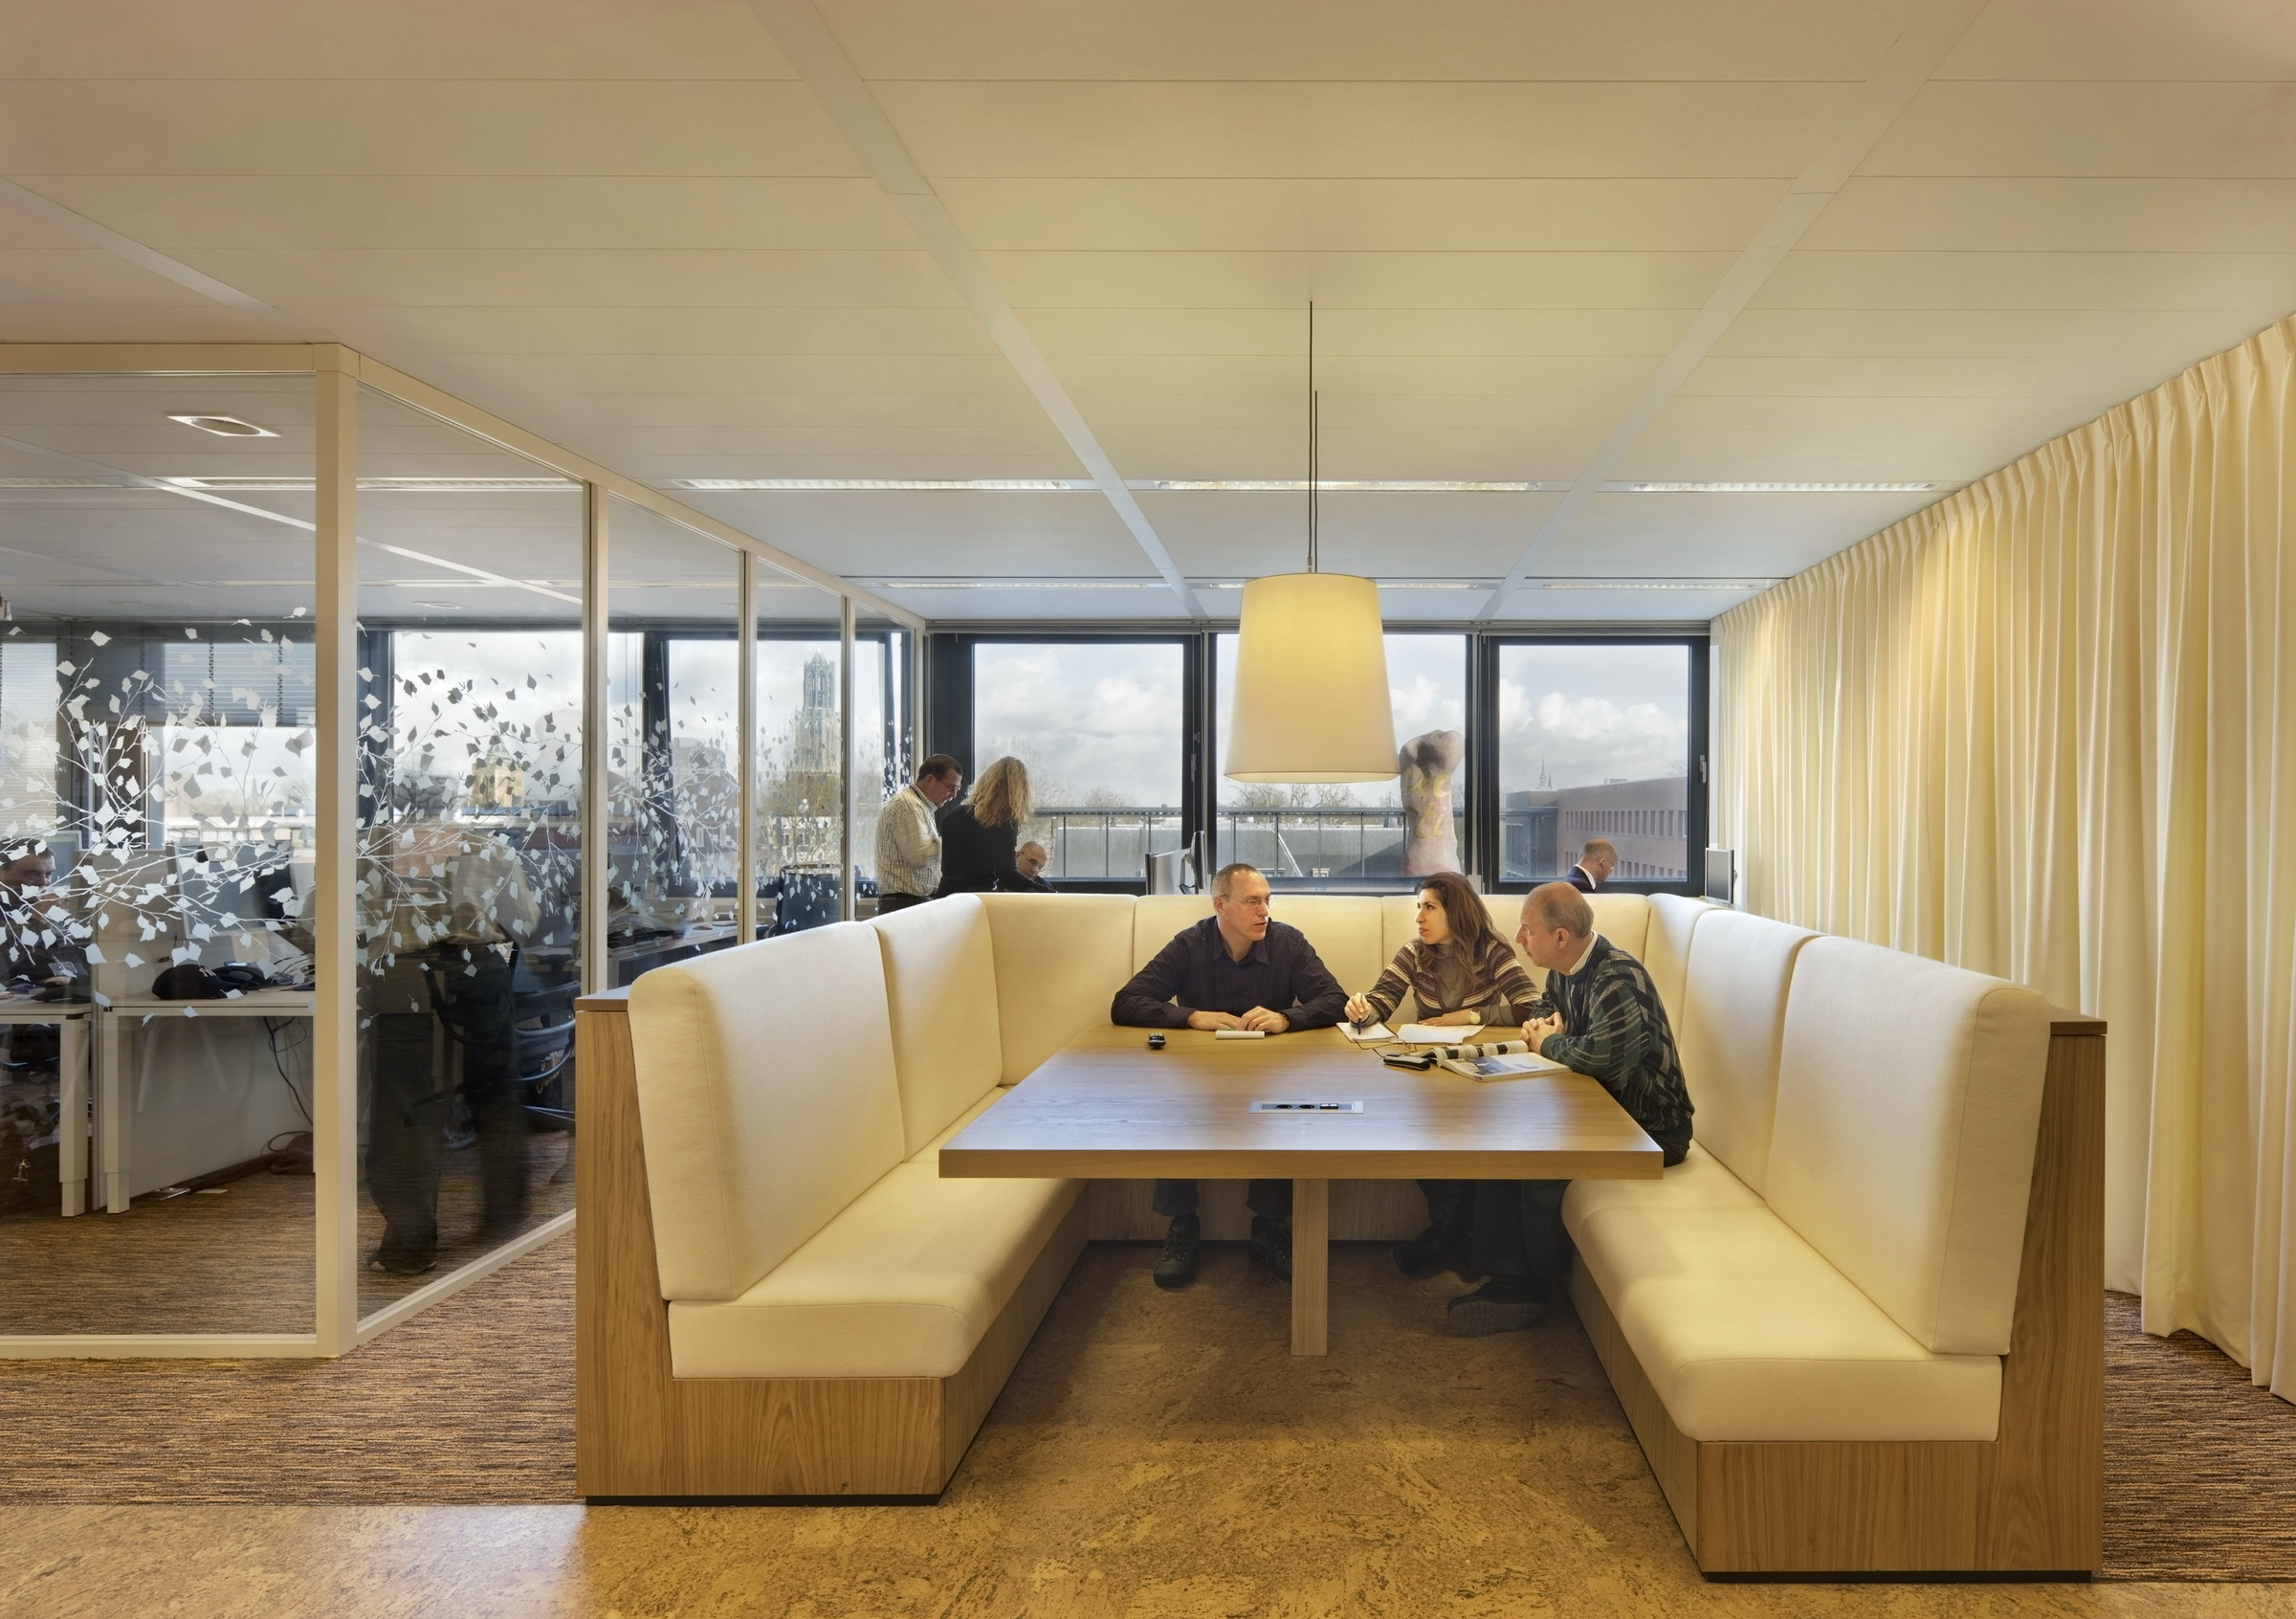 Belastingsdienst utrecht zecc architecten for Kantoor interieur ideeen